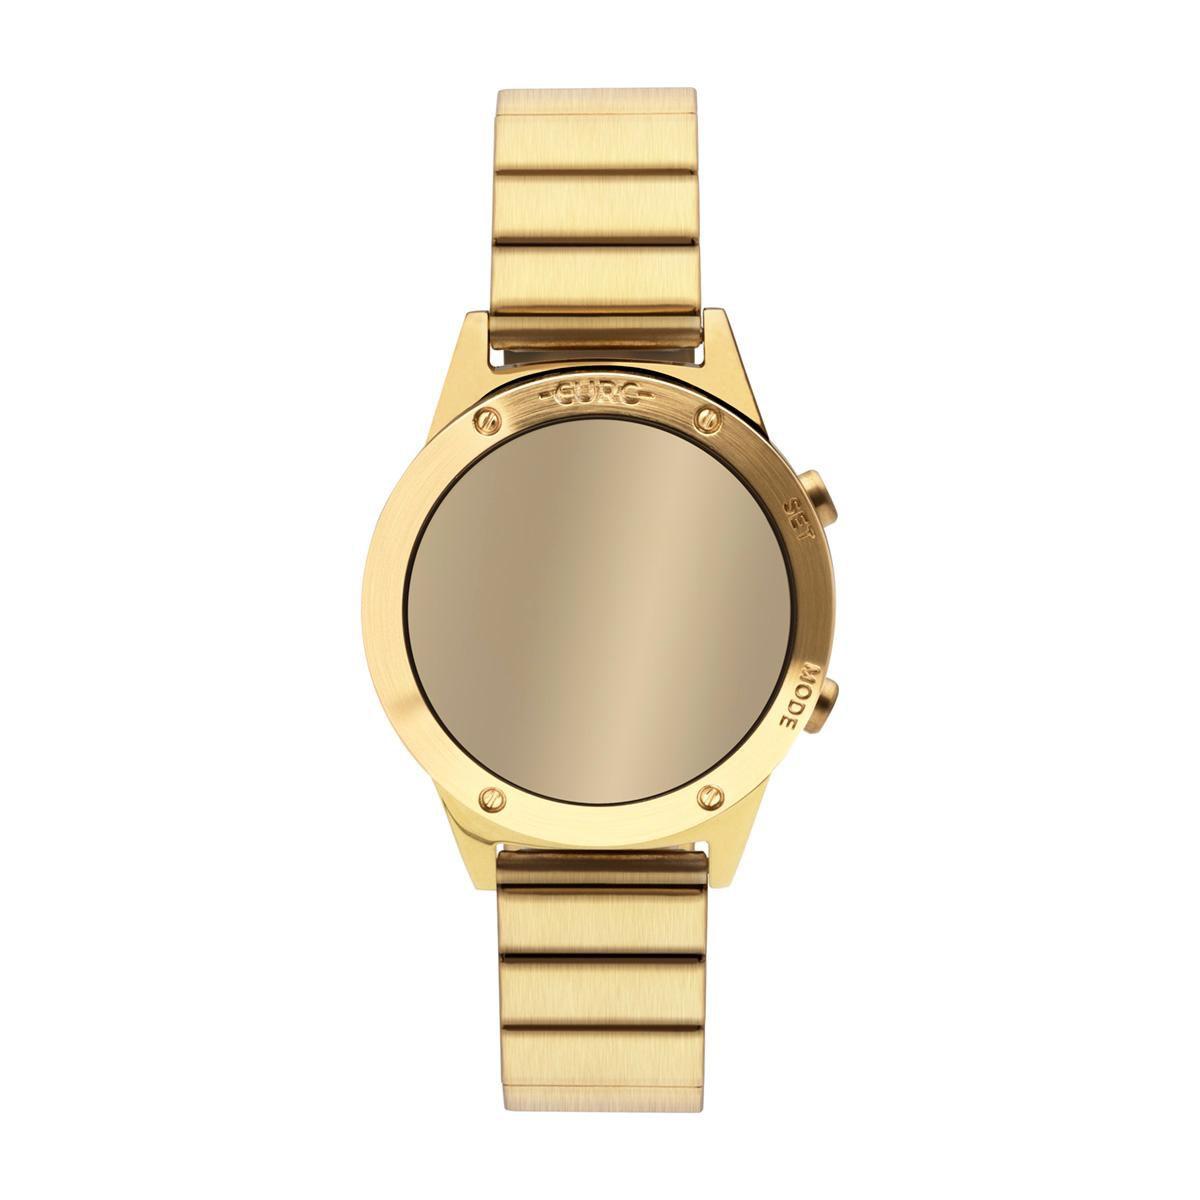 Relógio Feminino Euro Fashion Fit Reflexos EUJHS31BAB/4D 40mm Aço Dourado